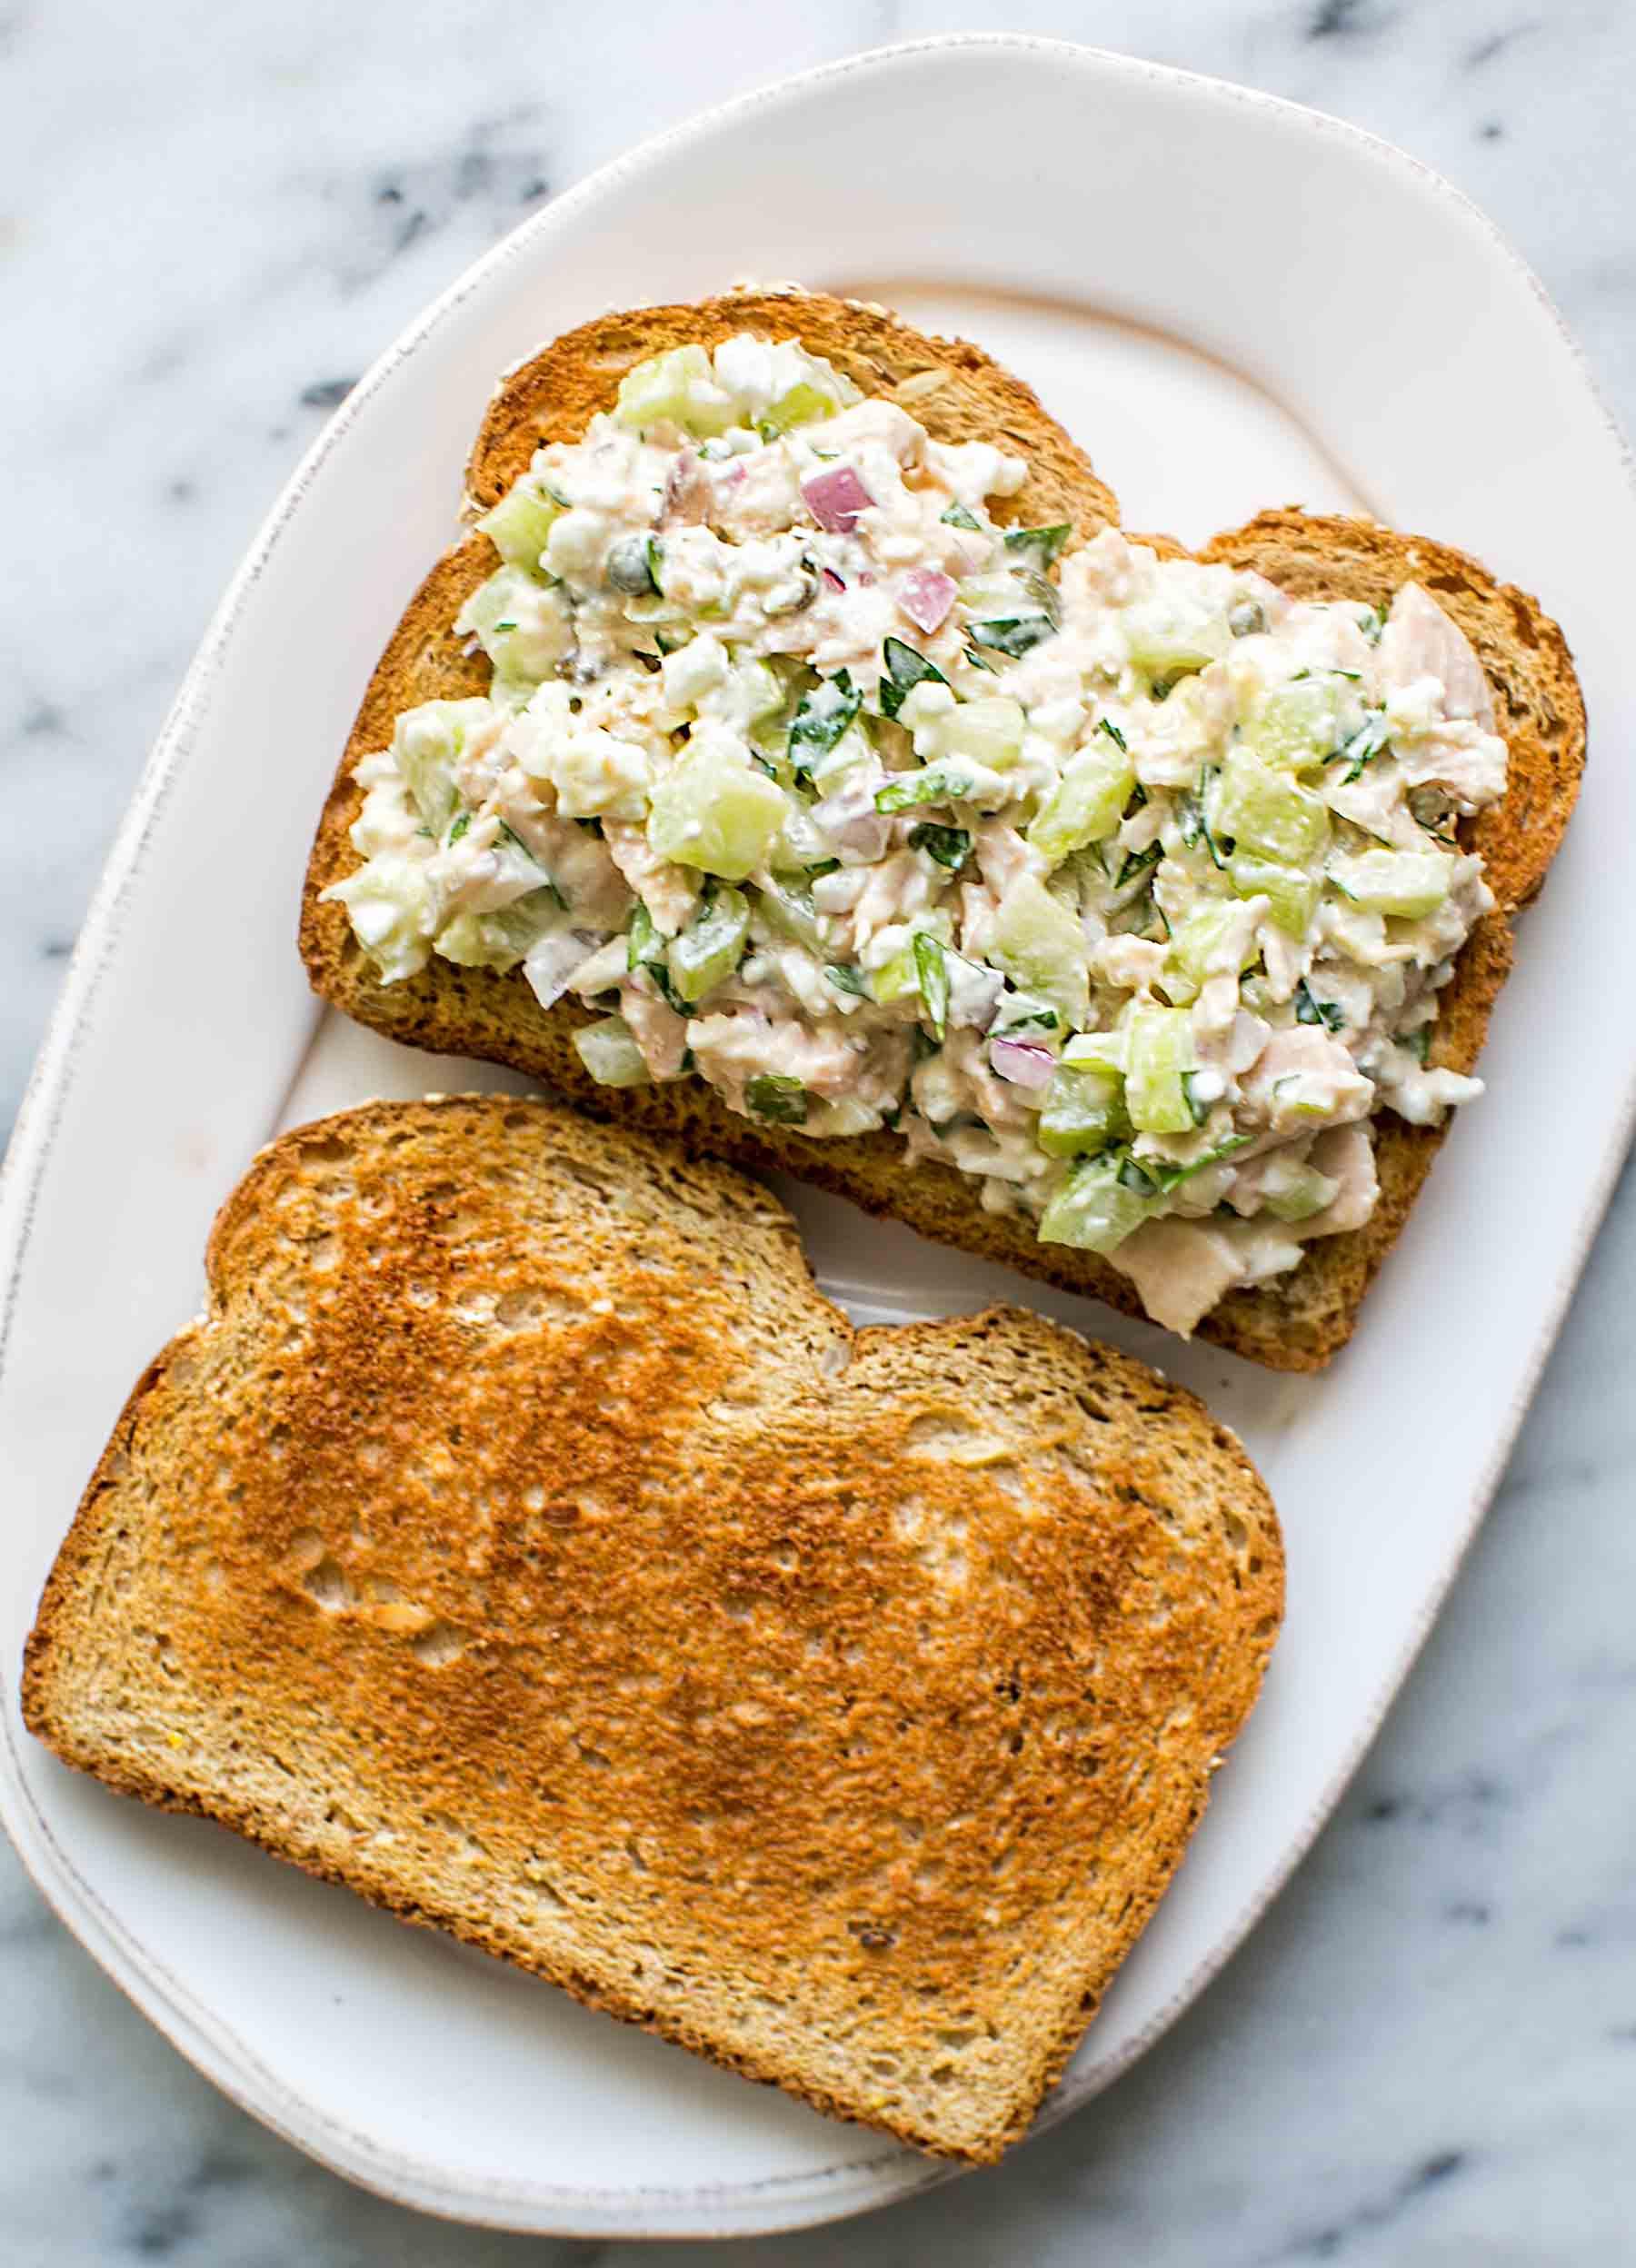 O melhor sanduíche de atum